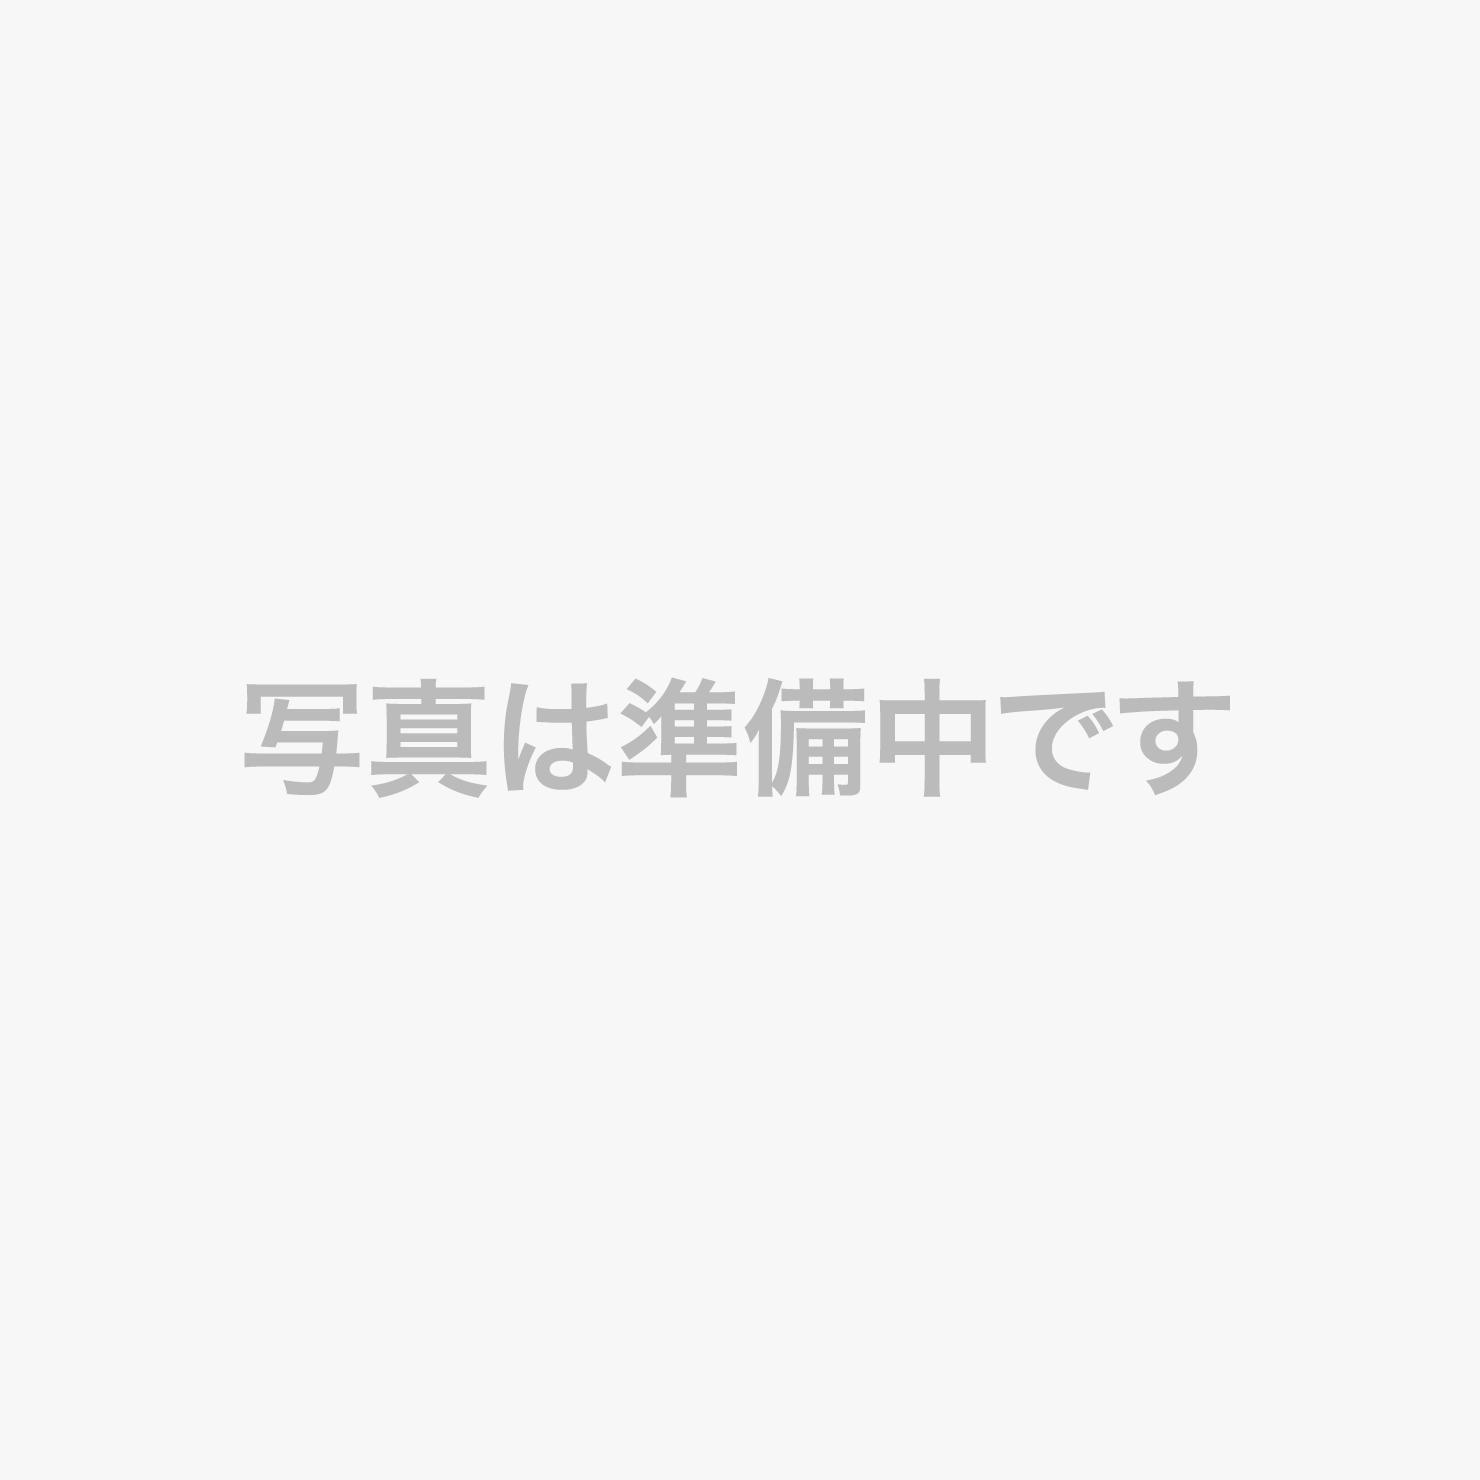 【ザ・メイン】デラックスルーム 3名さま利用(一例)